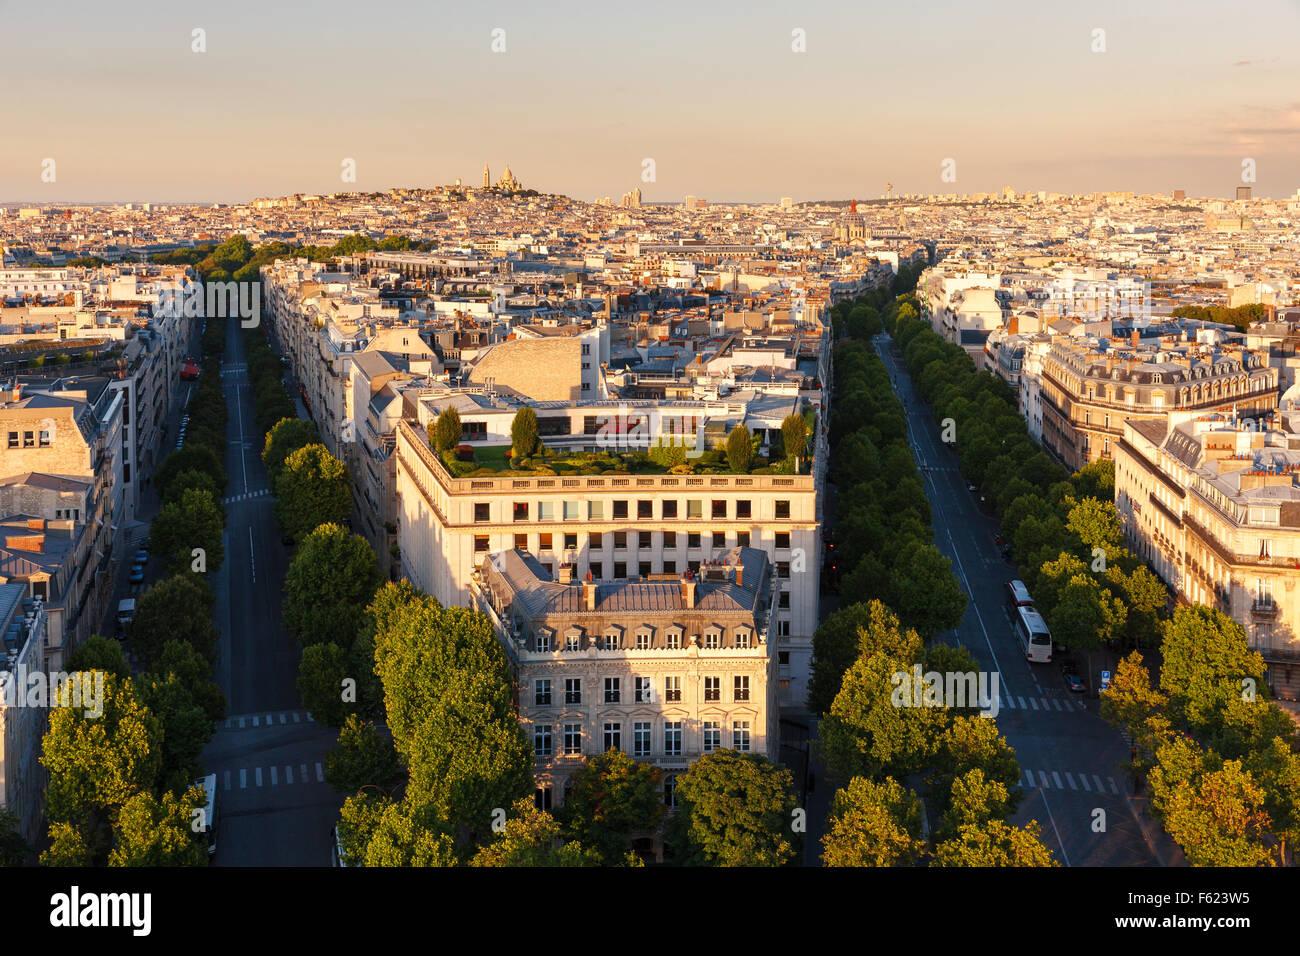 Il centro di Parigi, nel tardo pomeriggio, viali Hoch e de Friedland alla fine del pomeriggio nell'ottavo arrondissement. Immagini Stock